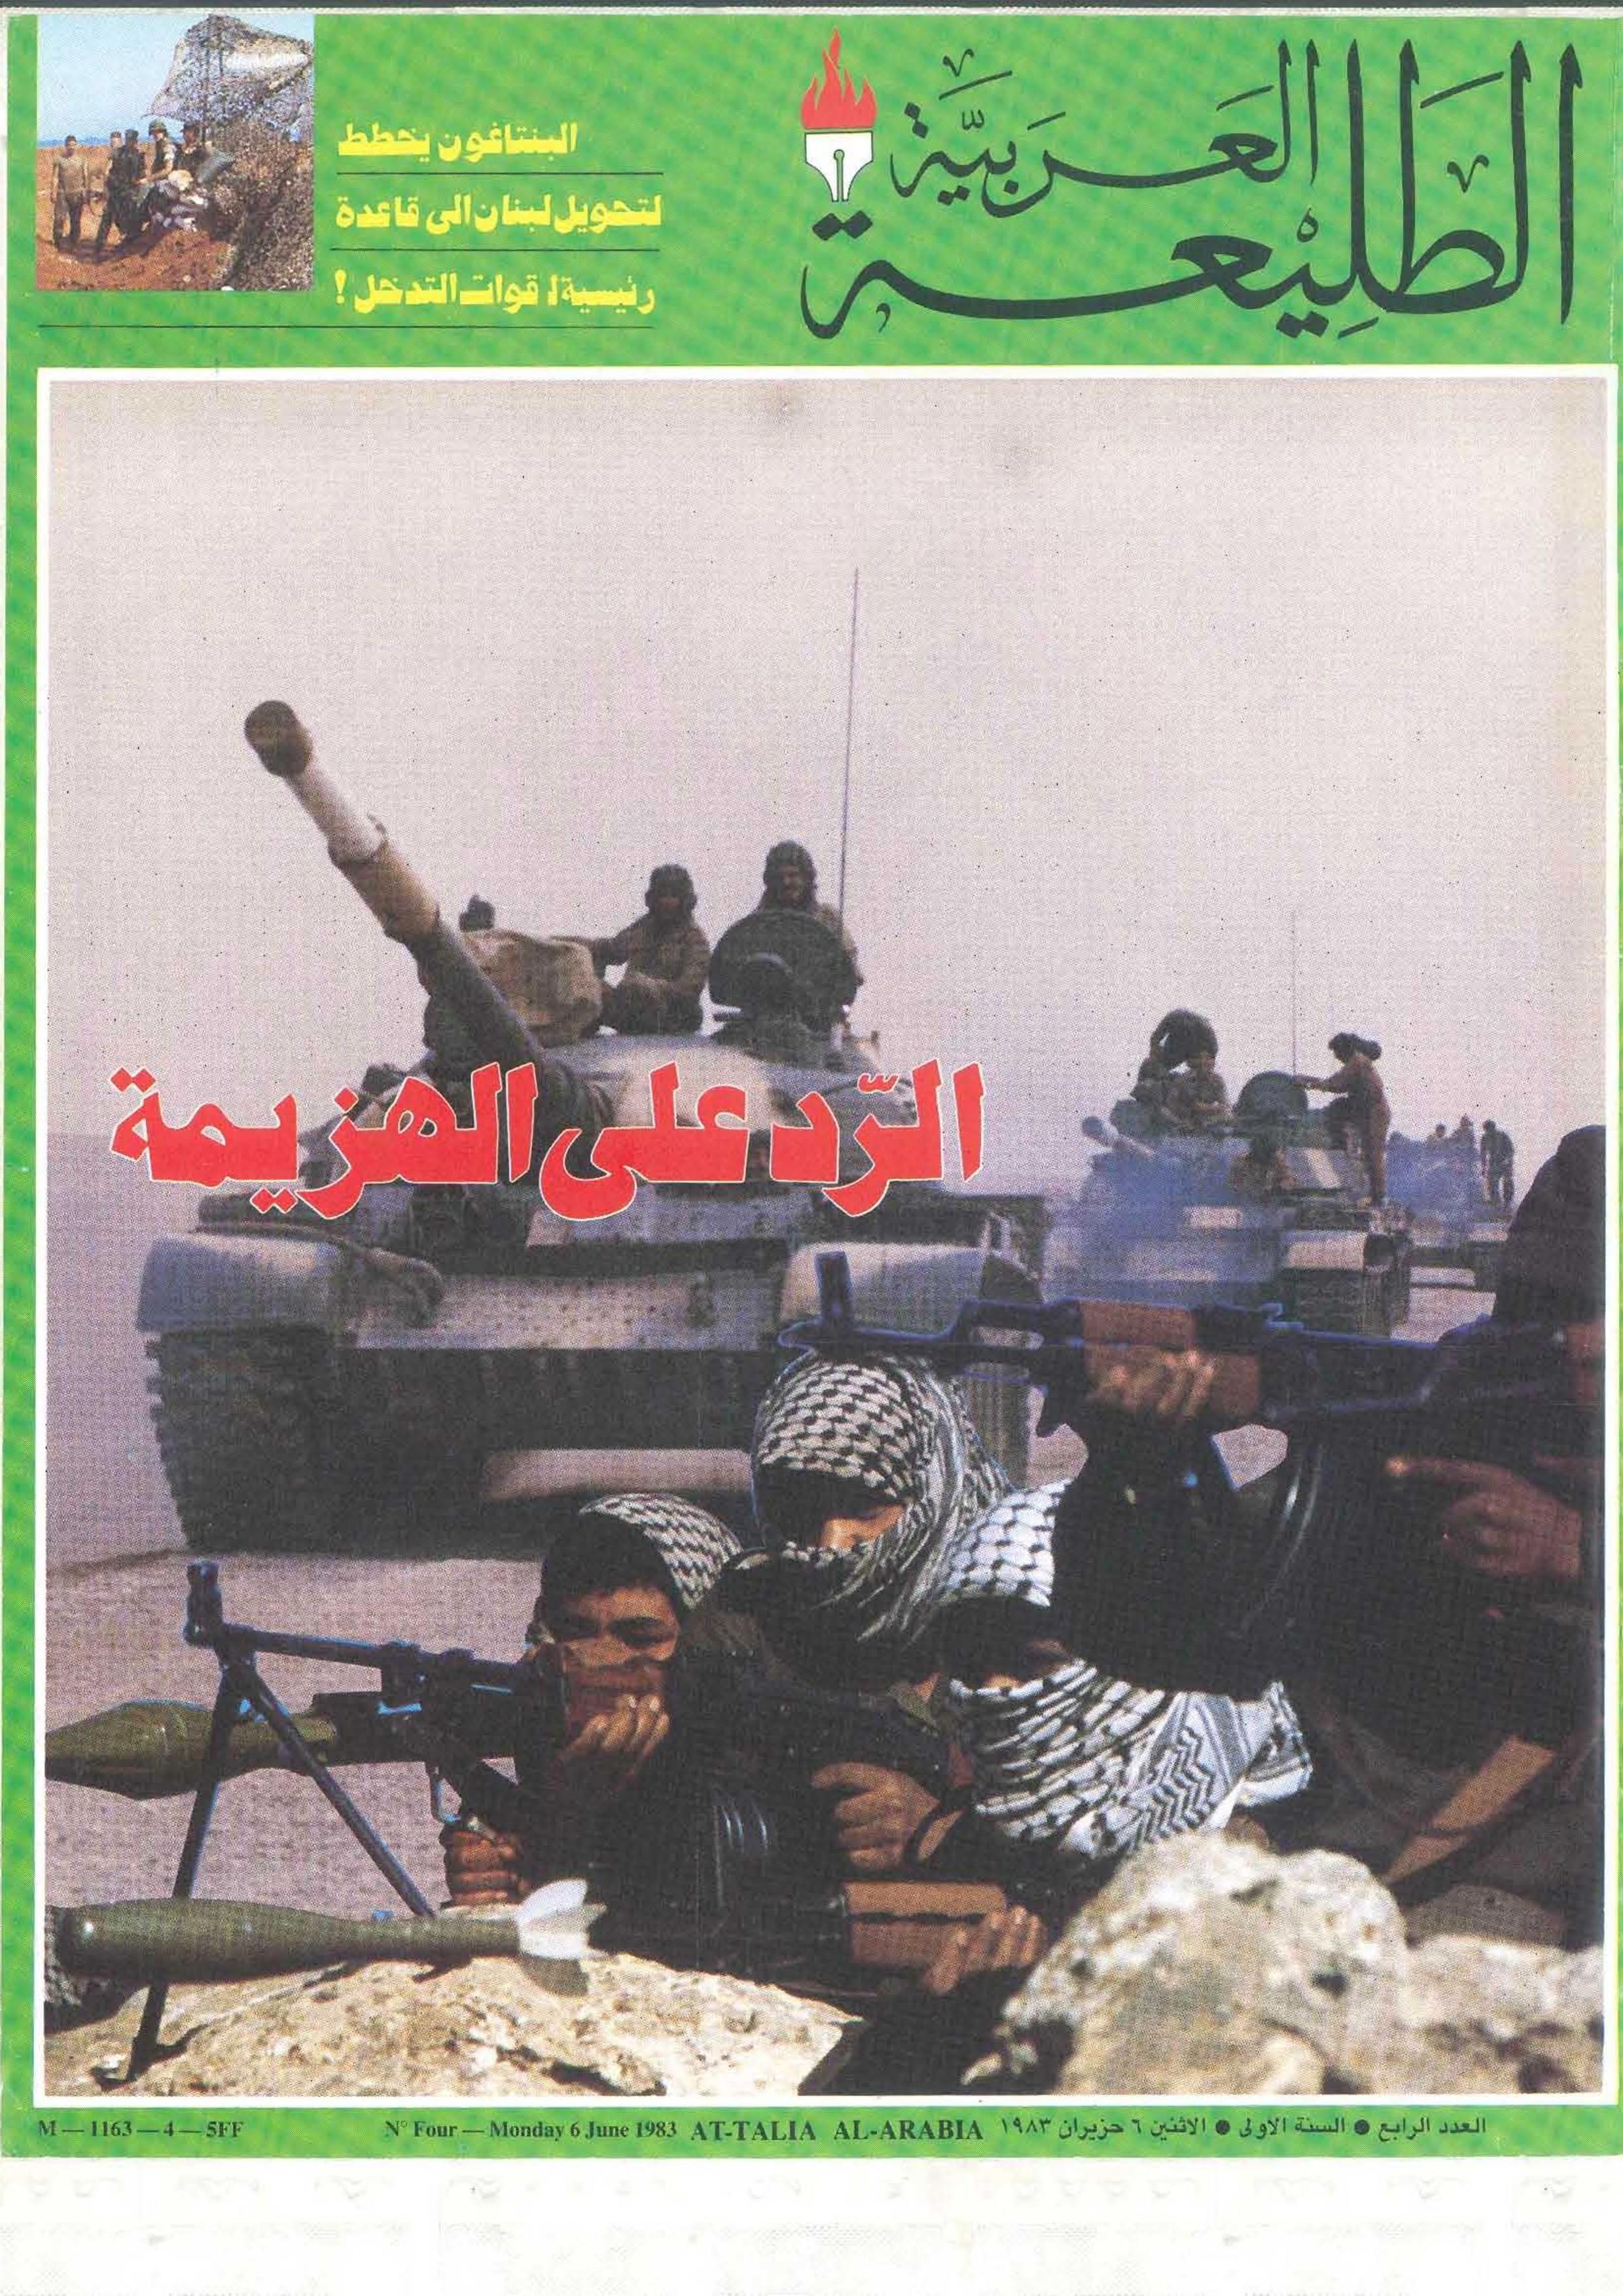 مجلة الطليعة العربية العدد الرابع 1983 دار الفارس العربي Free Download Borrow And Streaming Internet Archive In 2021 My Books Internet Archive Books